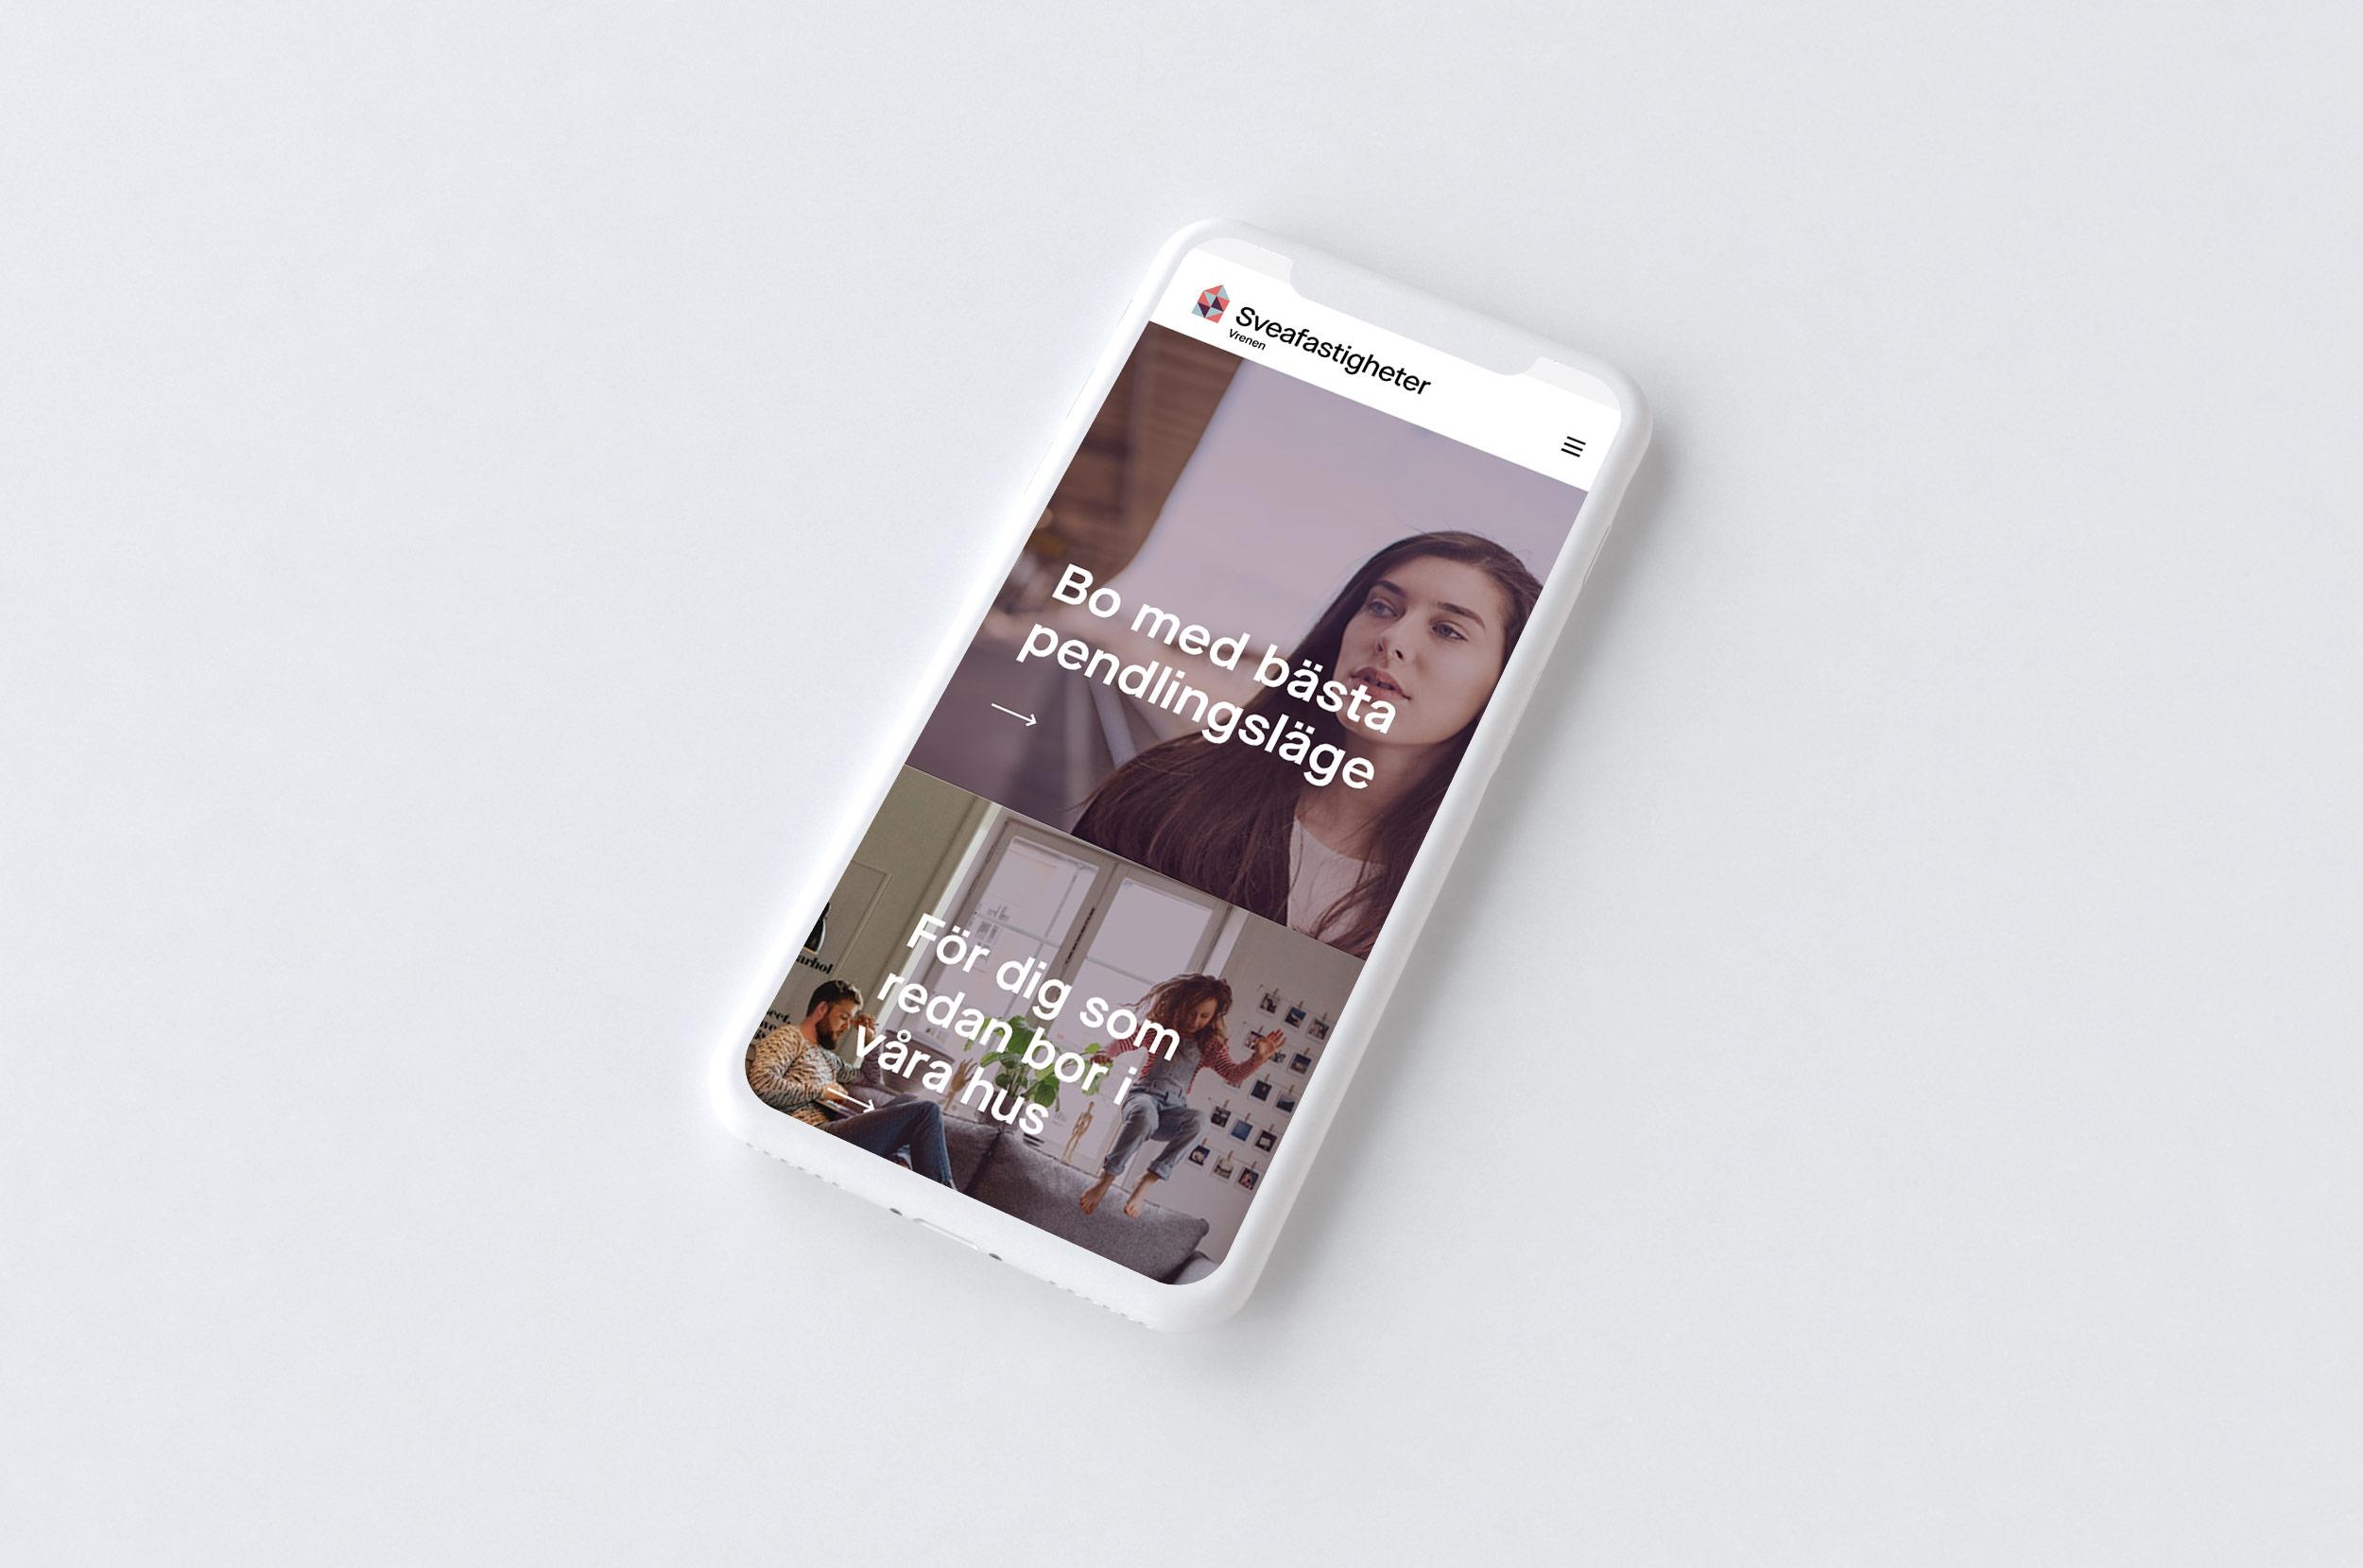 Sveafastigheter mobil digitalbyrå Wonderfour